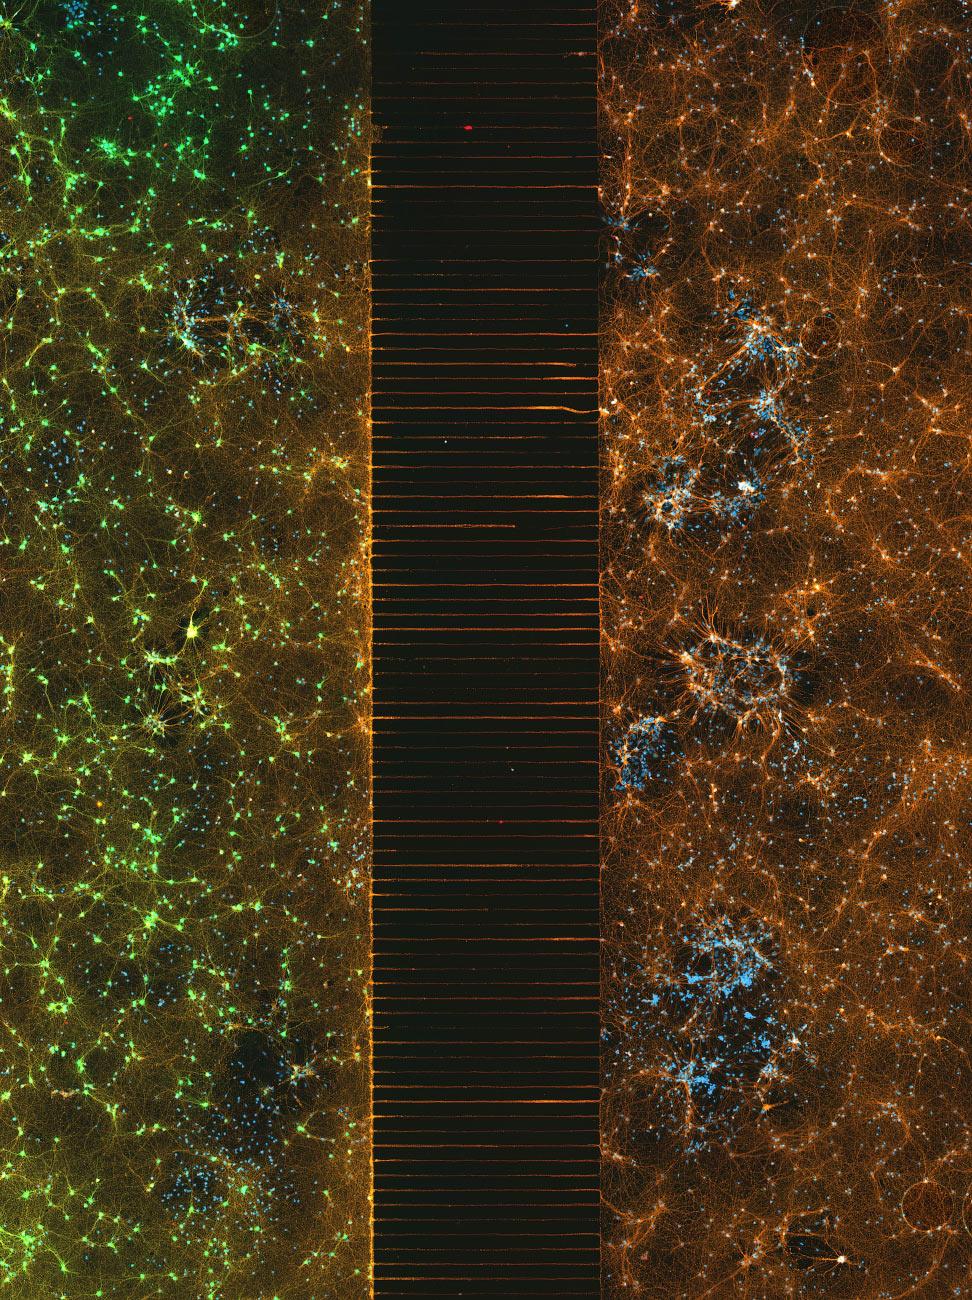 Микрофлюидное устройство, содержащее слой с 300 тыс. нейронной сети